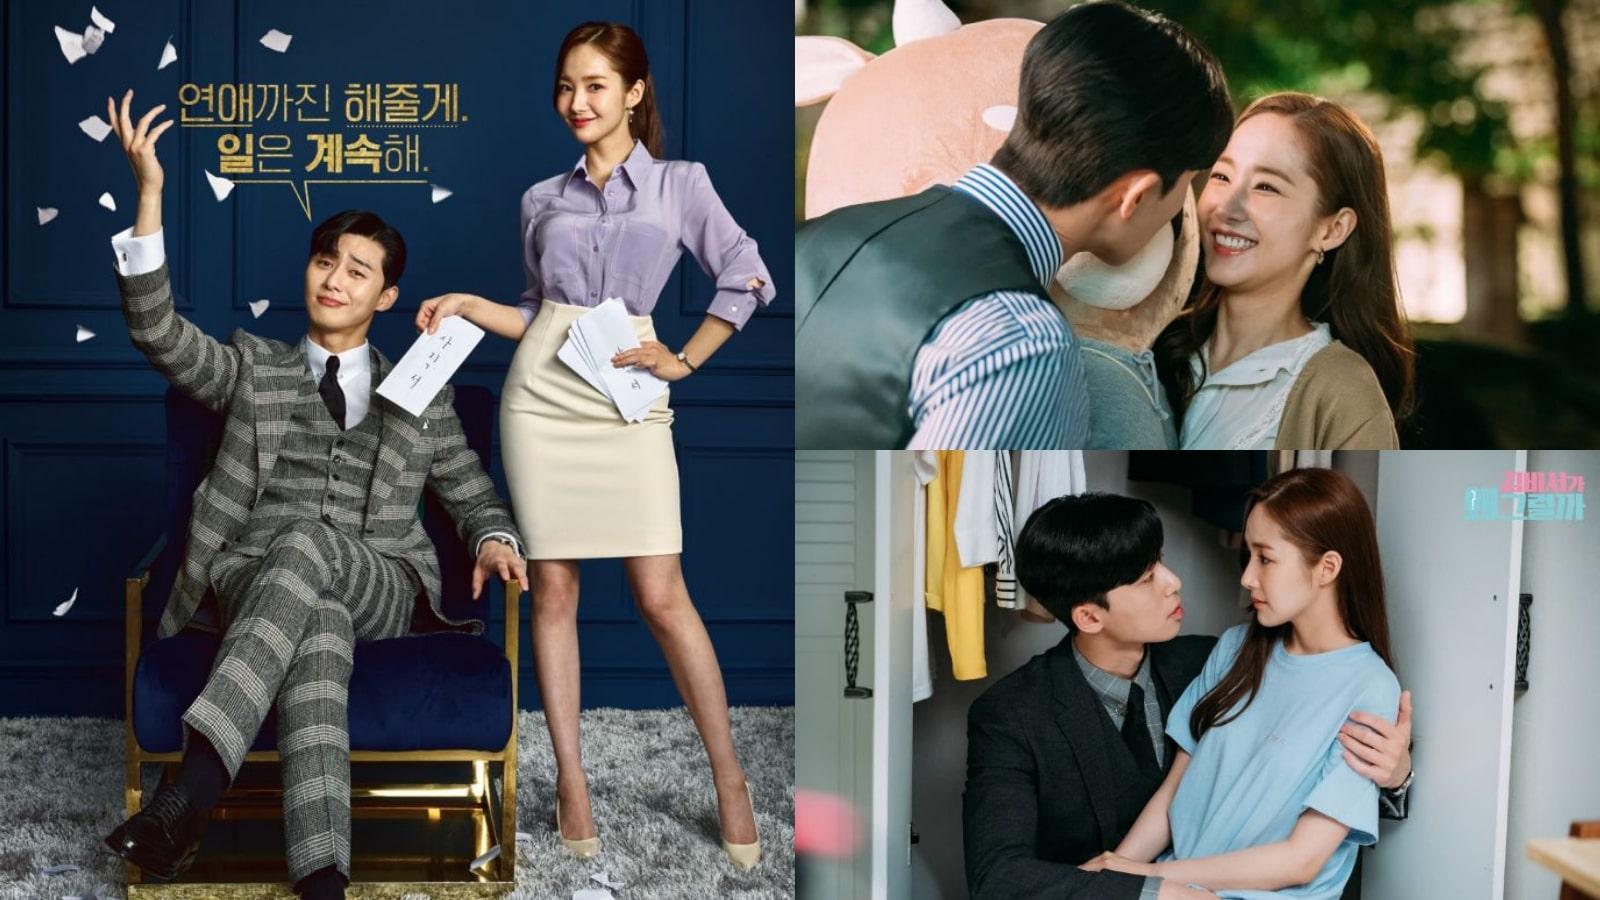 10 ซีรี่ย์เกาหลีพระนางเคมีเข้ากันดีมาก เหมือนเป็นแฟนกันจริงๆ !